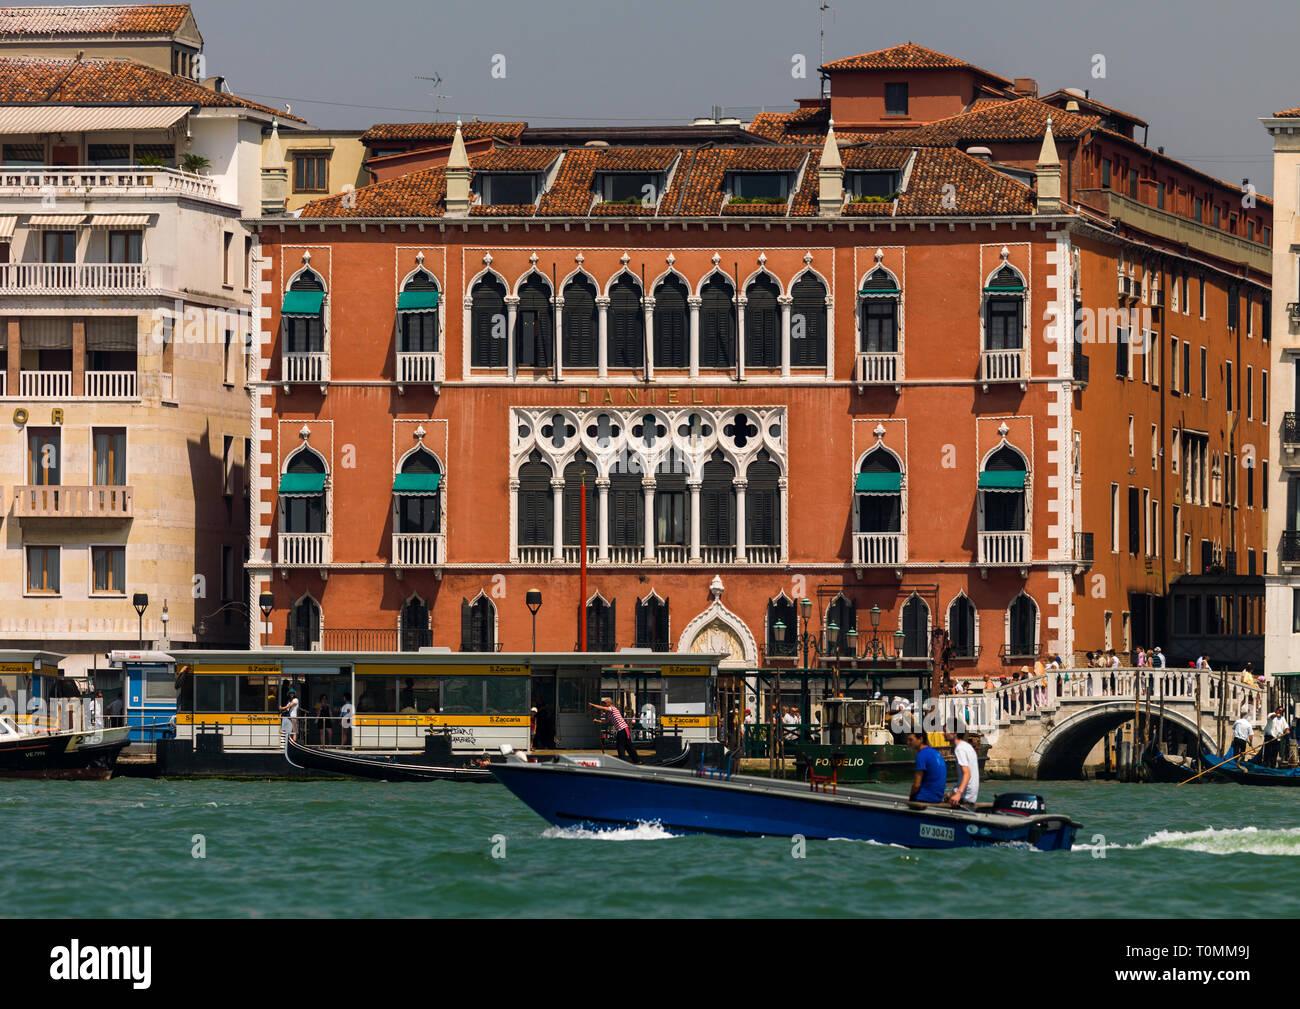 Venice Veneto Region Italy Europe Stock Photos Venice